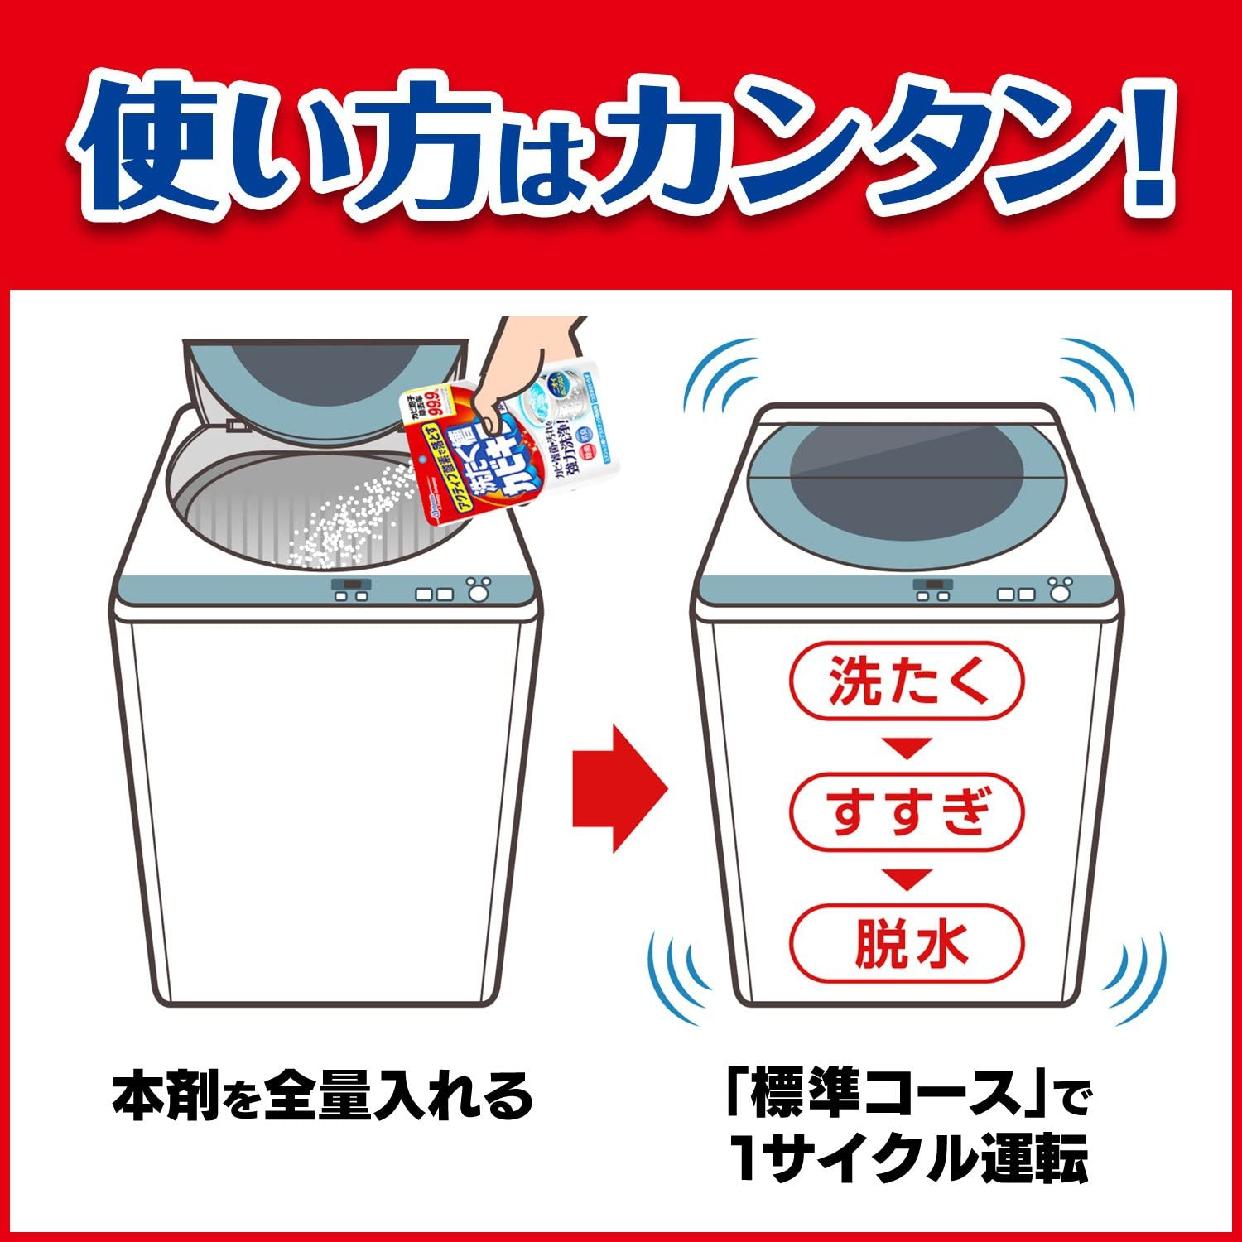 カビキラー アクティブ酸素で落とす 洗たく槽カビキラー (非塩素系)の商品画像6